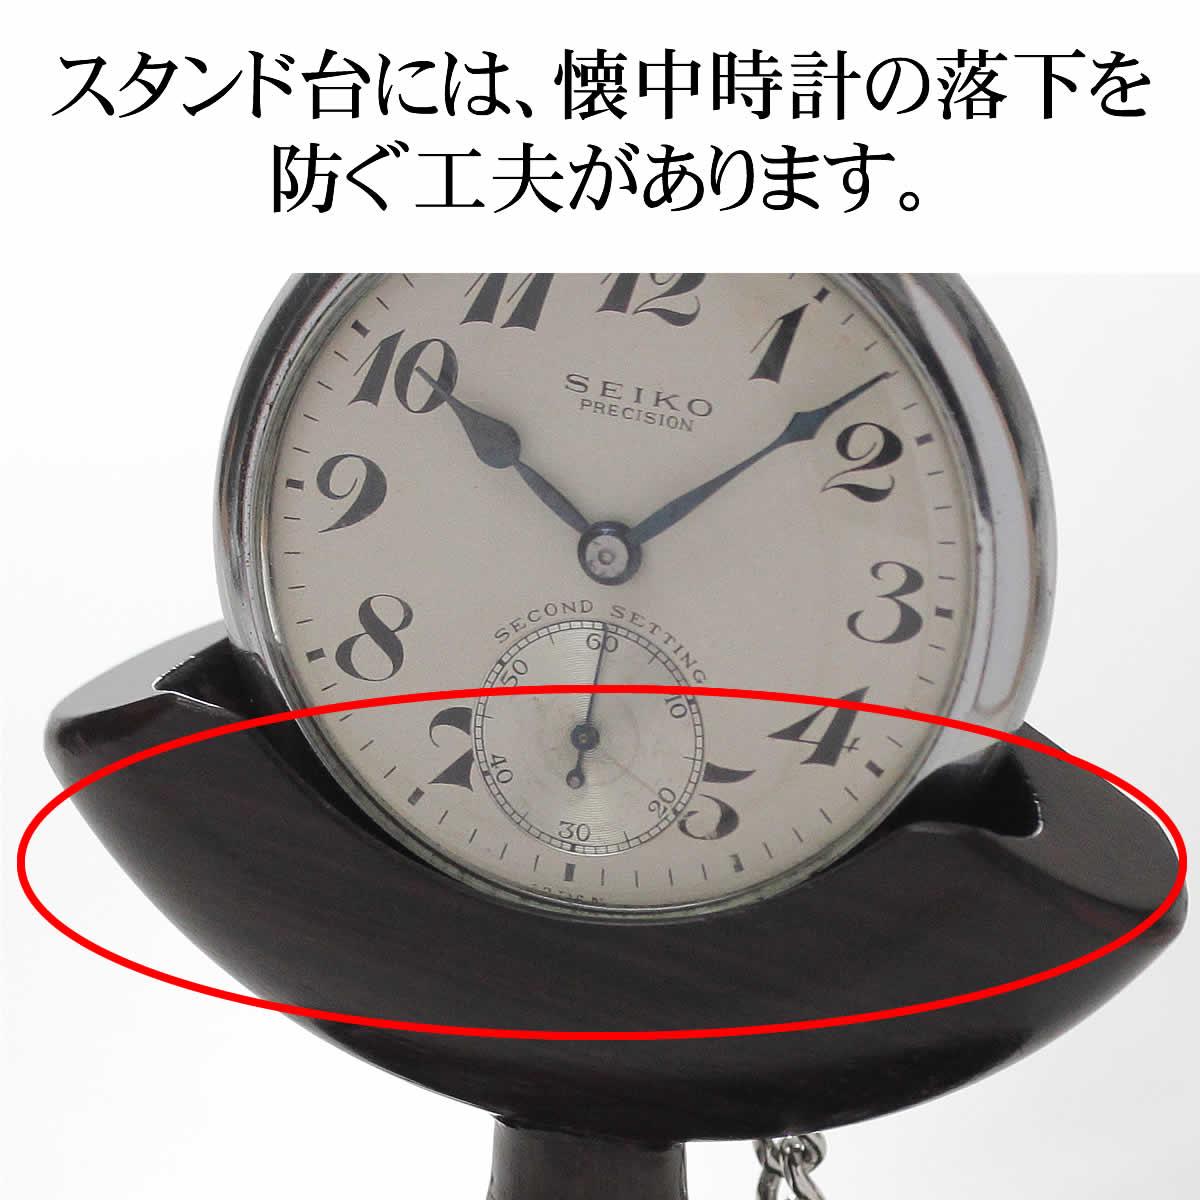 スタンド台には、懐中時計の落下を防ぐ工夫があります。